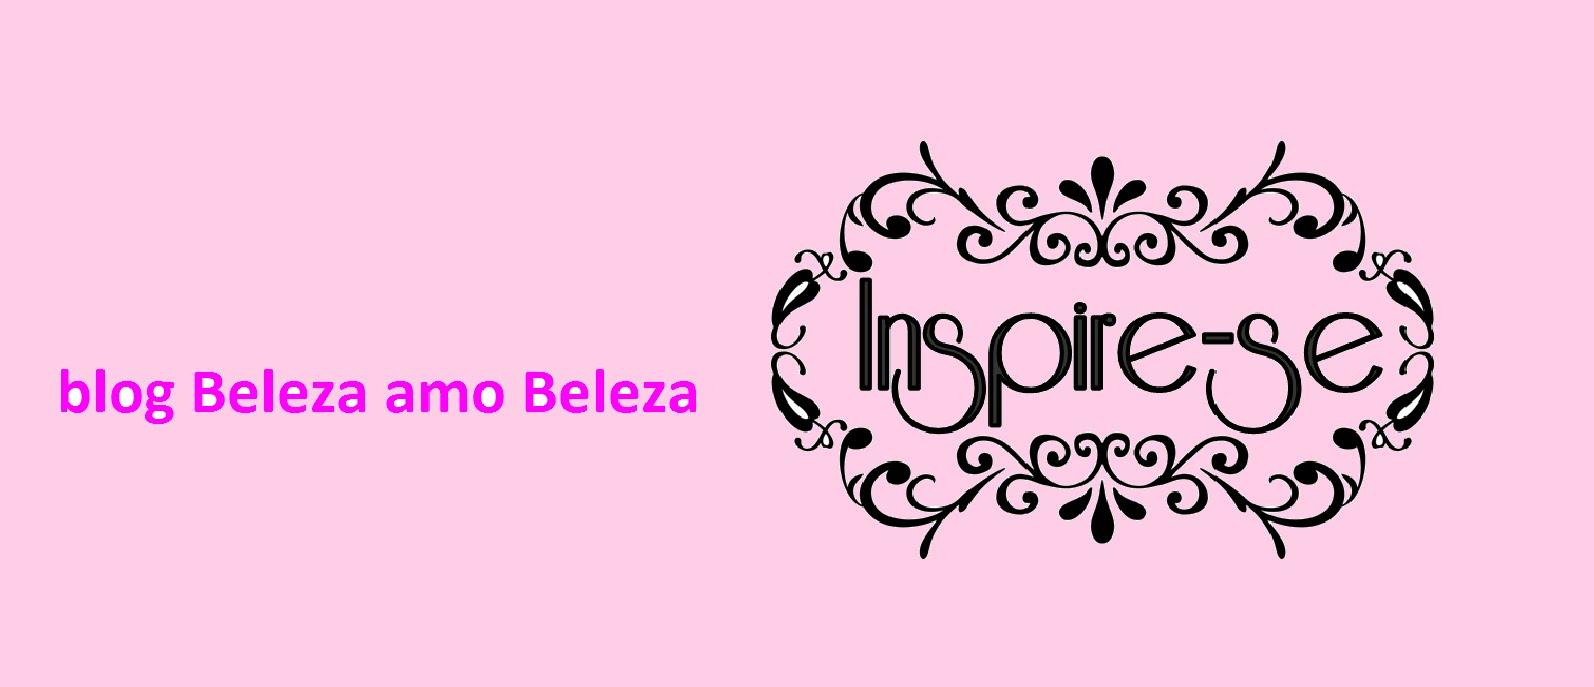 blog Beleza amo Beleza